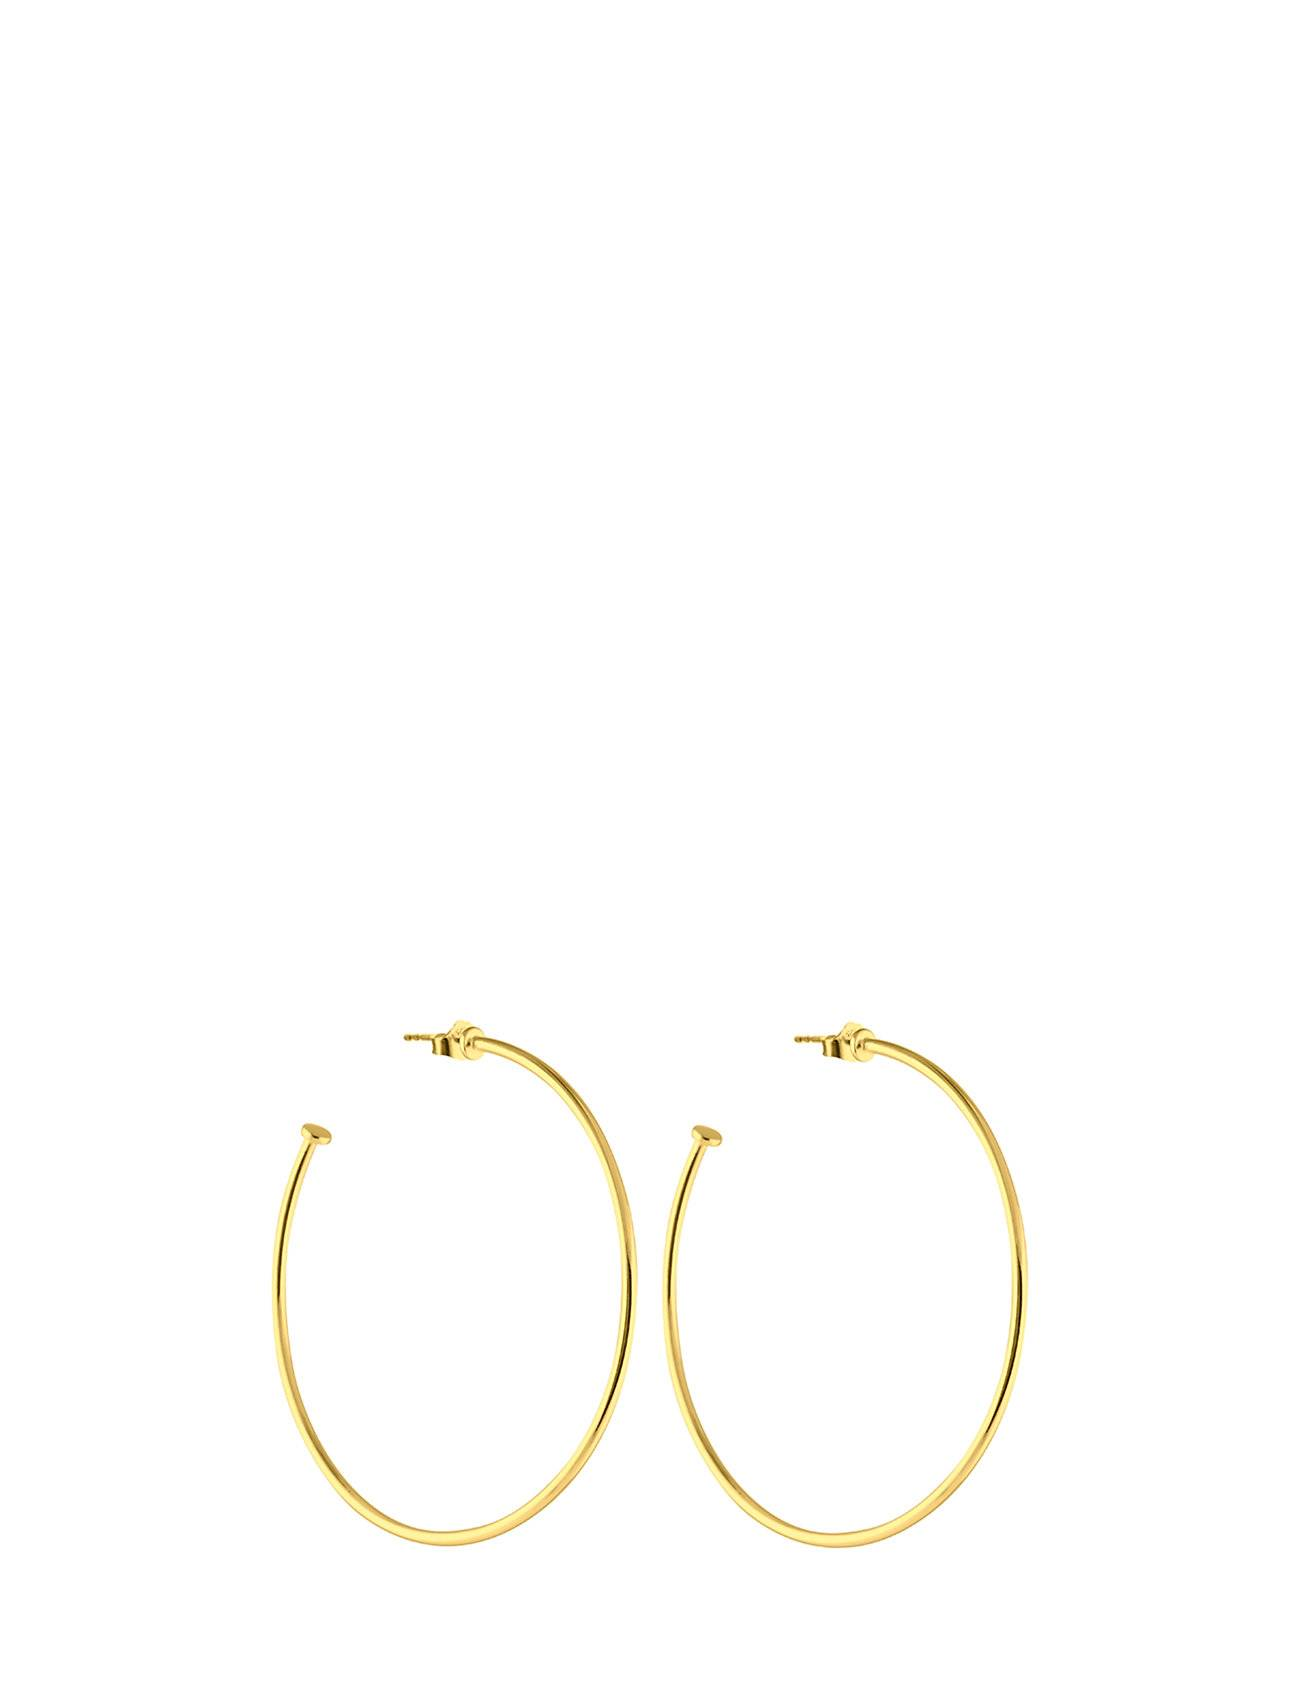 SOPHIE by SOPHIE Hoops Plate Large Accessories Jewellery Earrings Studs Kulta SOPHIE By SOPHIE